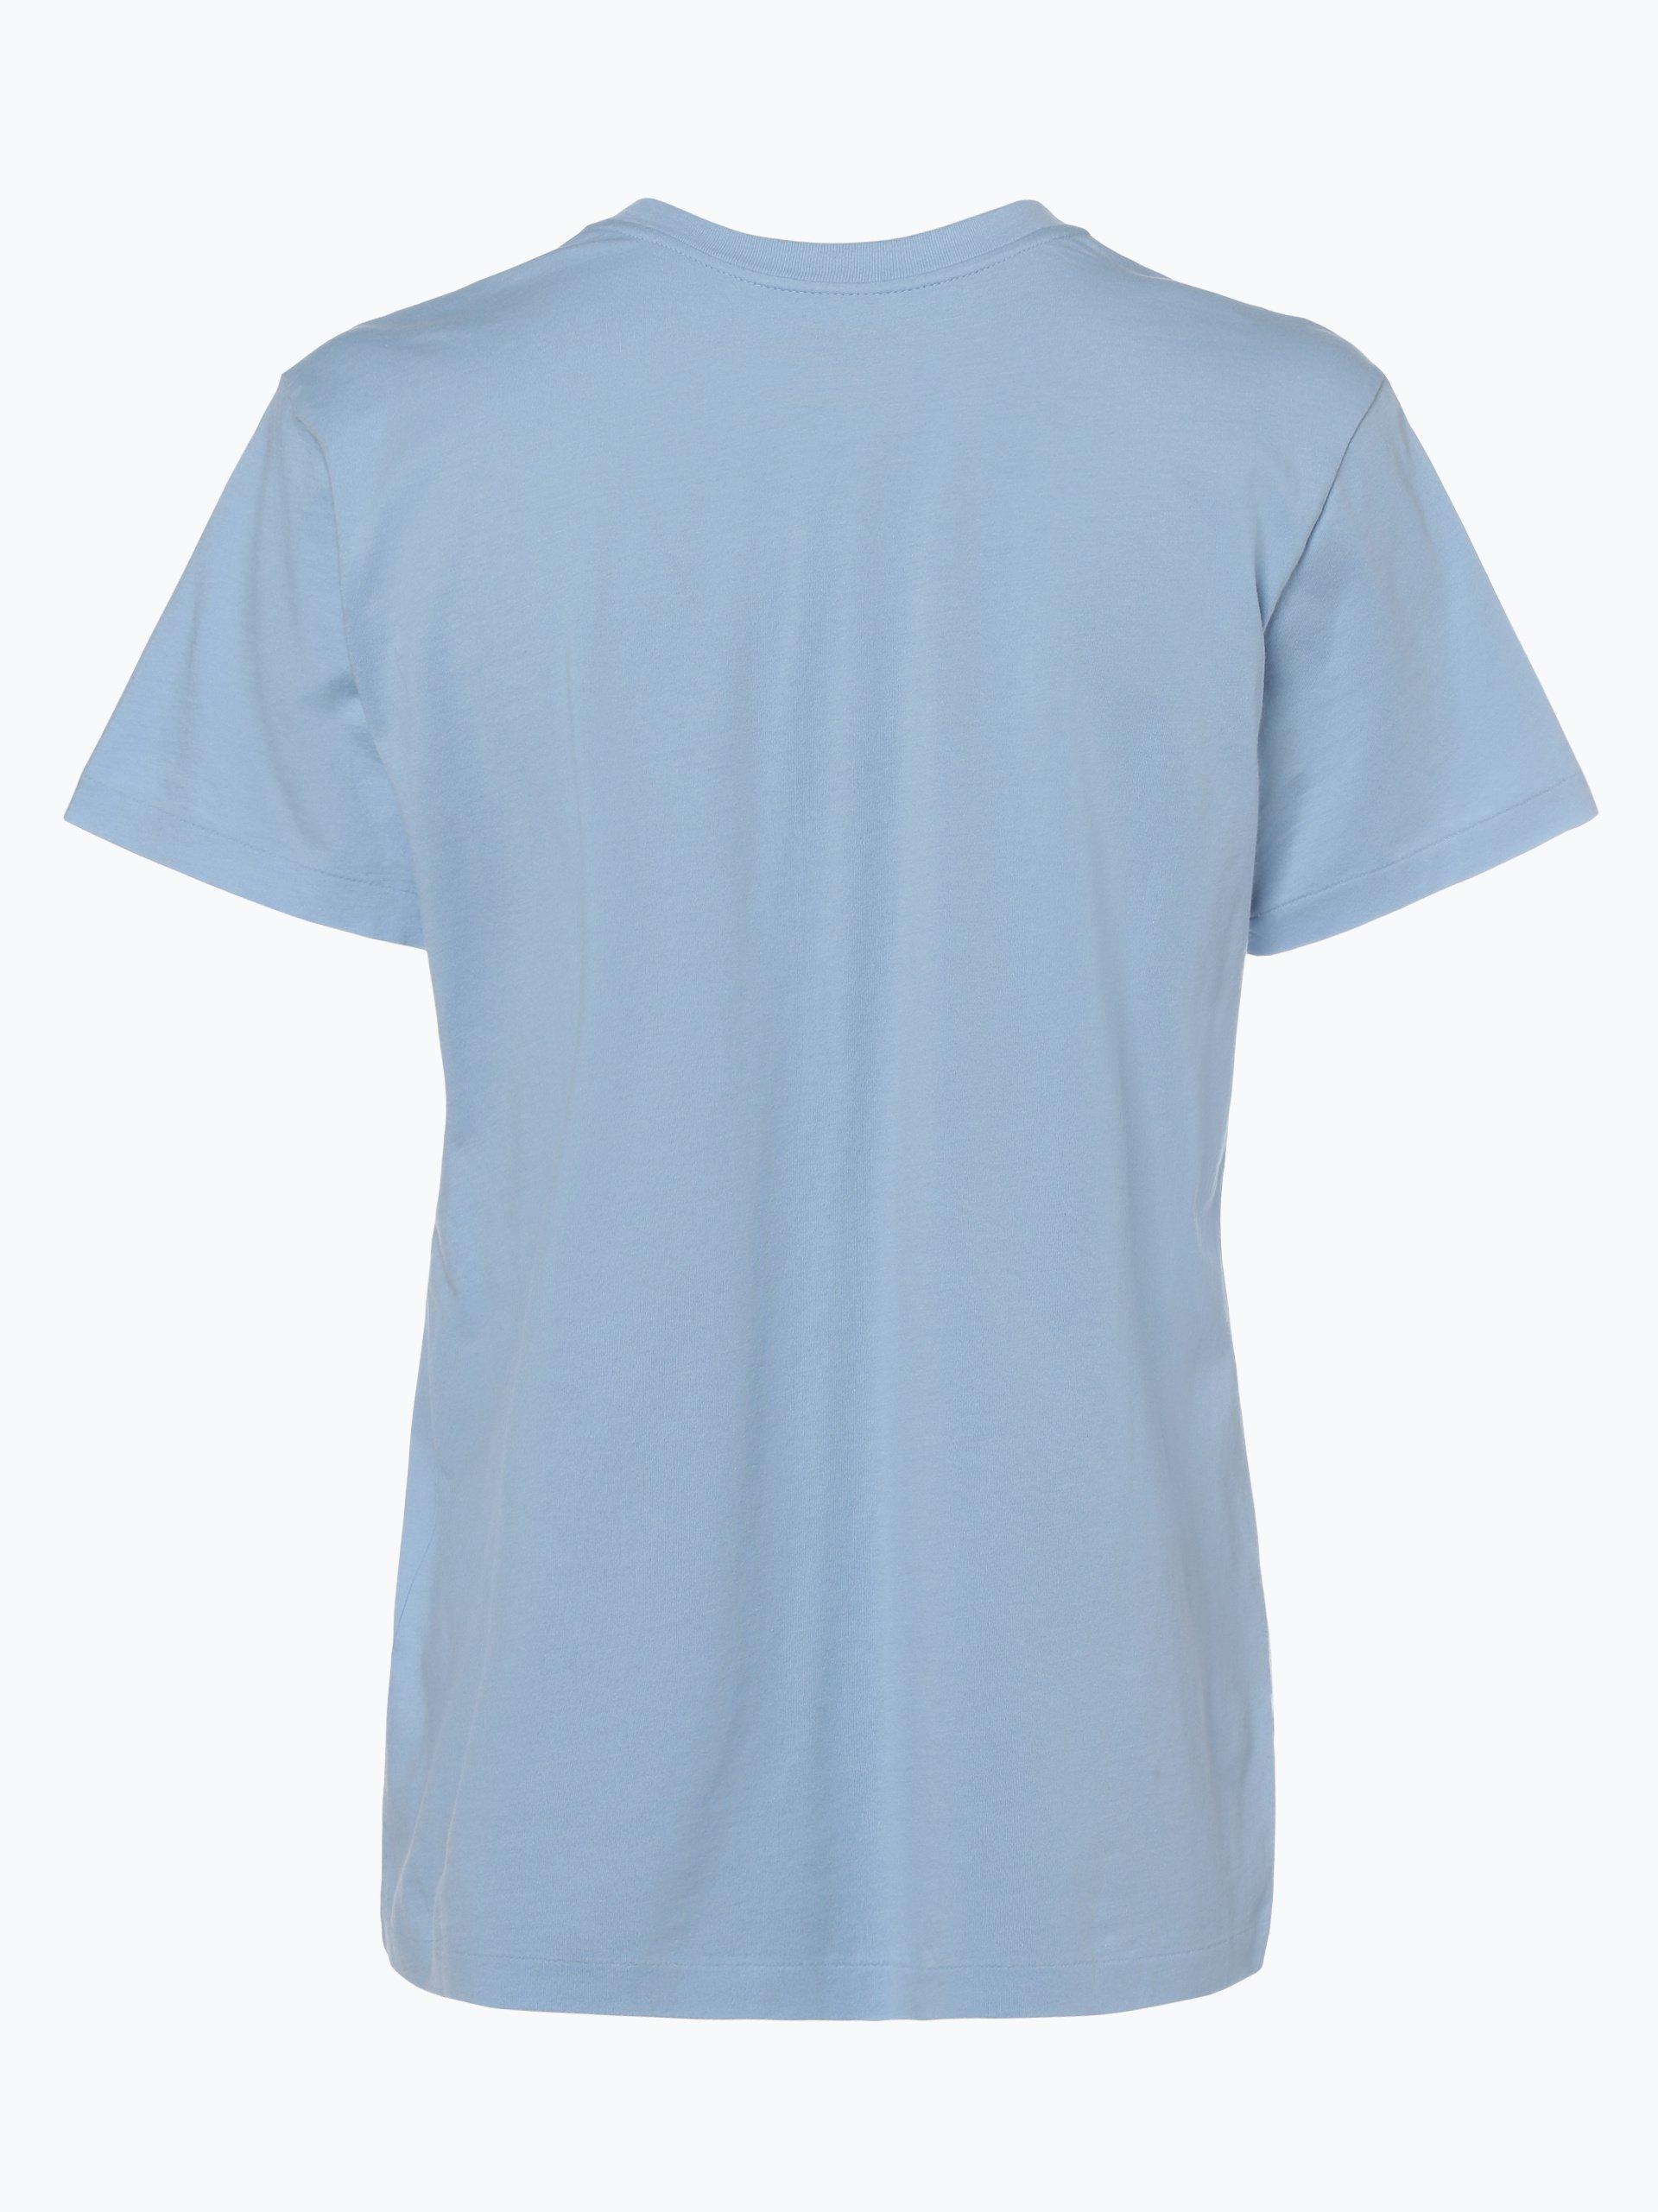 Polo Ralph Lauren Damen T-Shirt - The Big Shirt